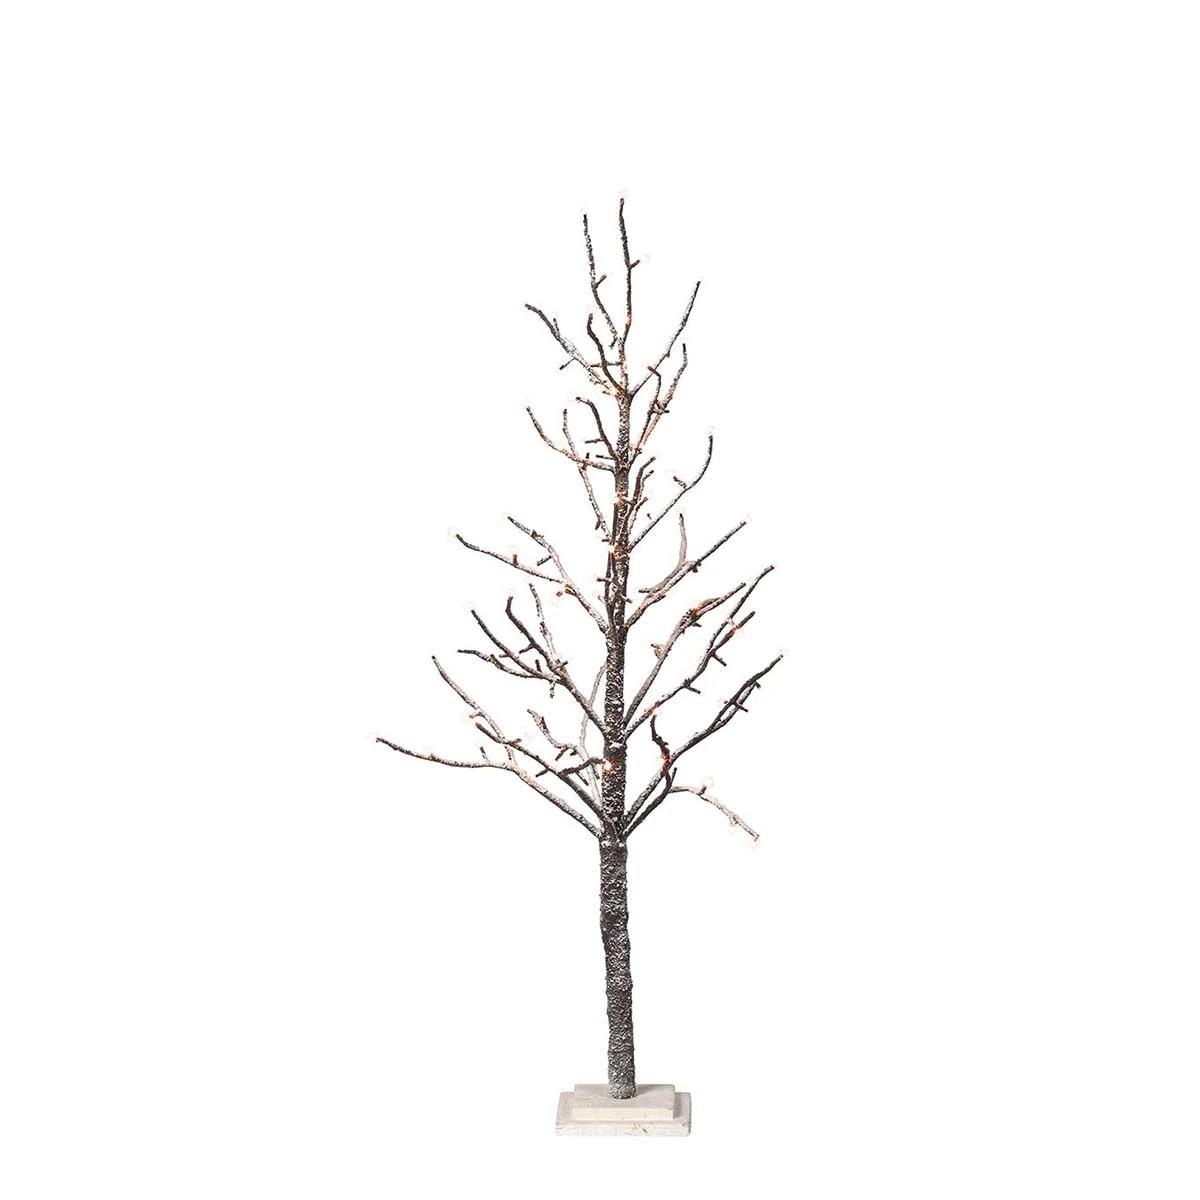 https://www.elcorteingles.es/hogar/A22221127-arbol-nevado-con-luz-blanco-glitter-navidad-el-corte-ingles/